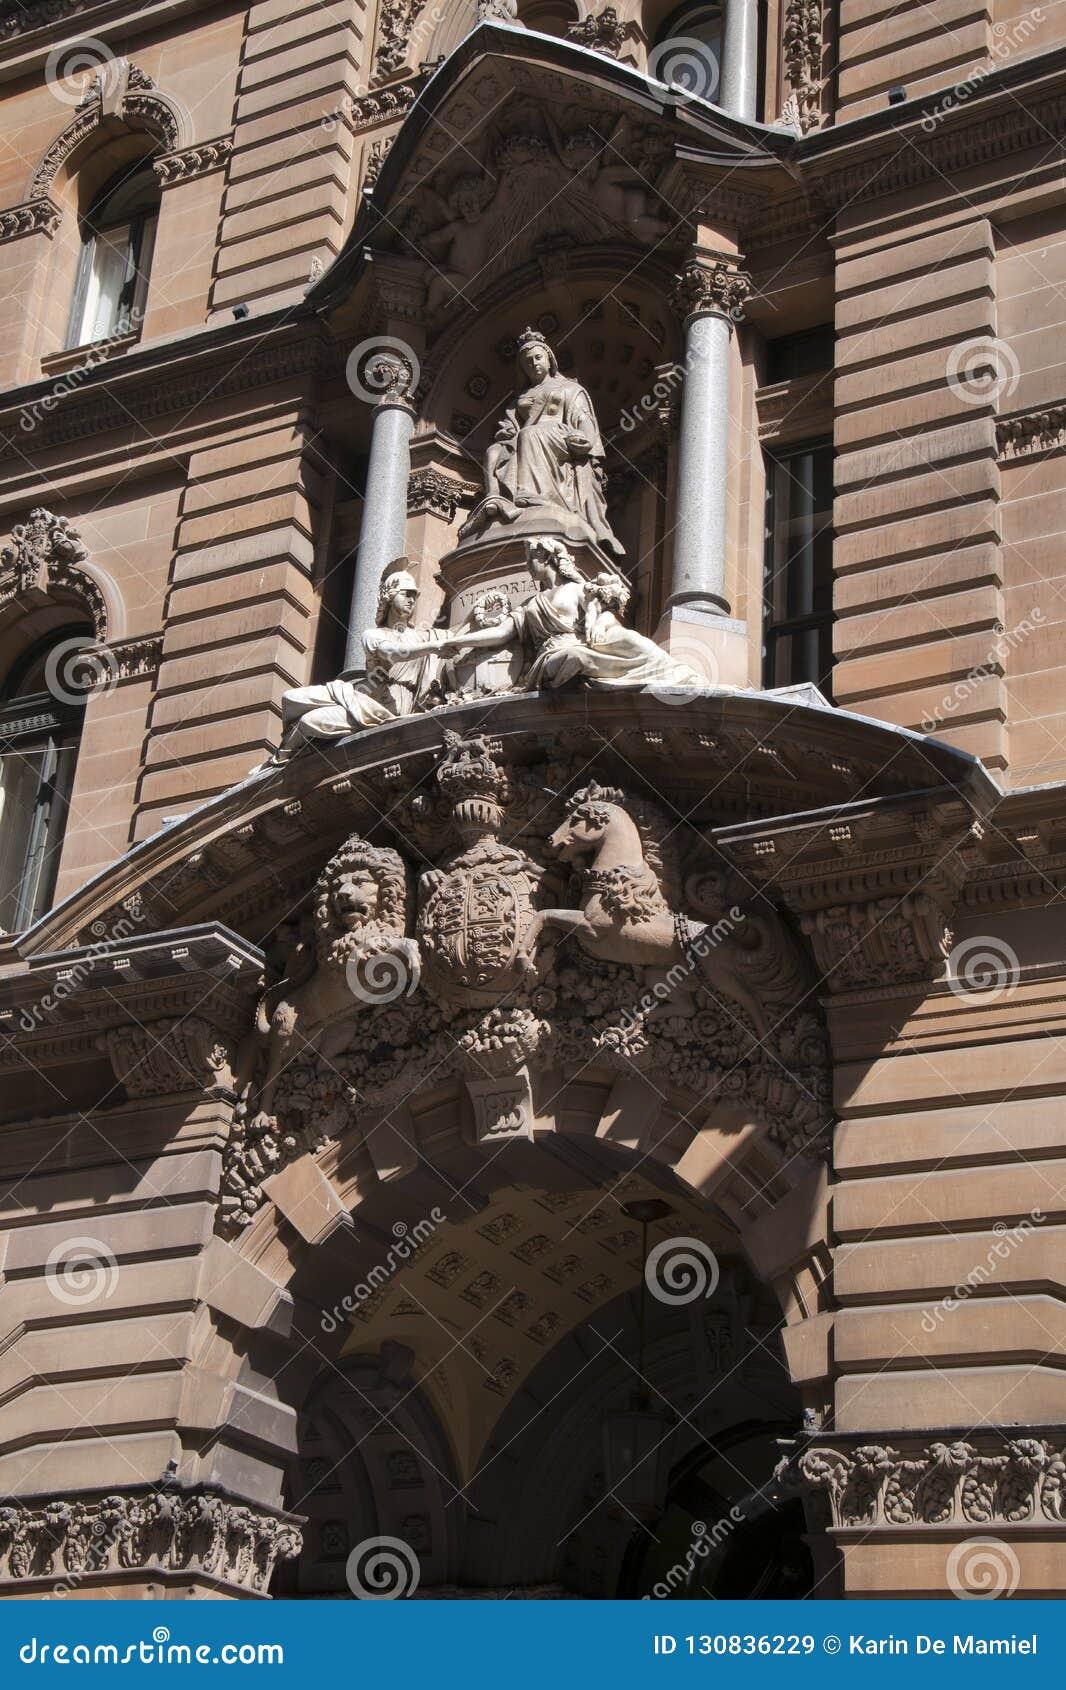 Entrada al edificio histórico de GPO, construida 1866-1874 con la reina Victoria apoyada por alegorías clásicas y escudo de armas